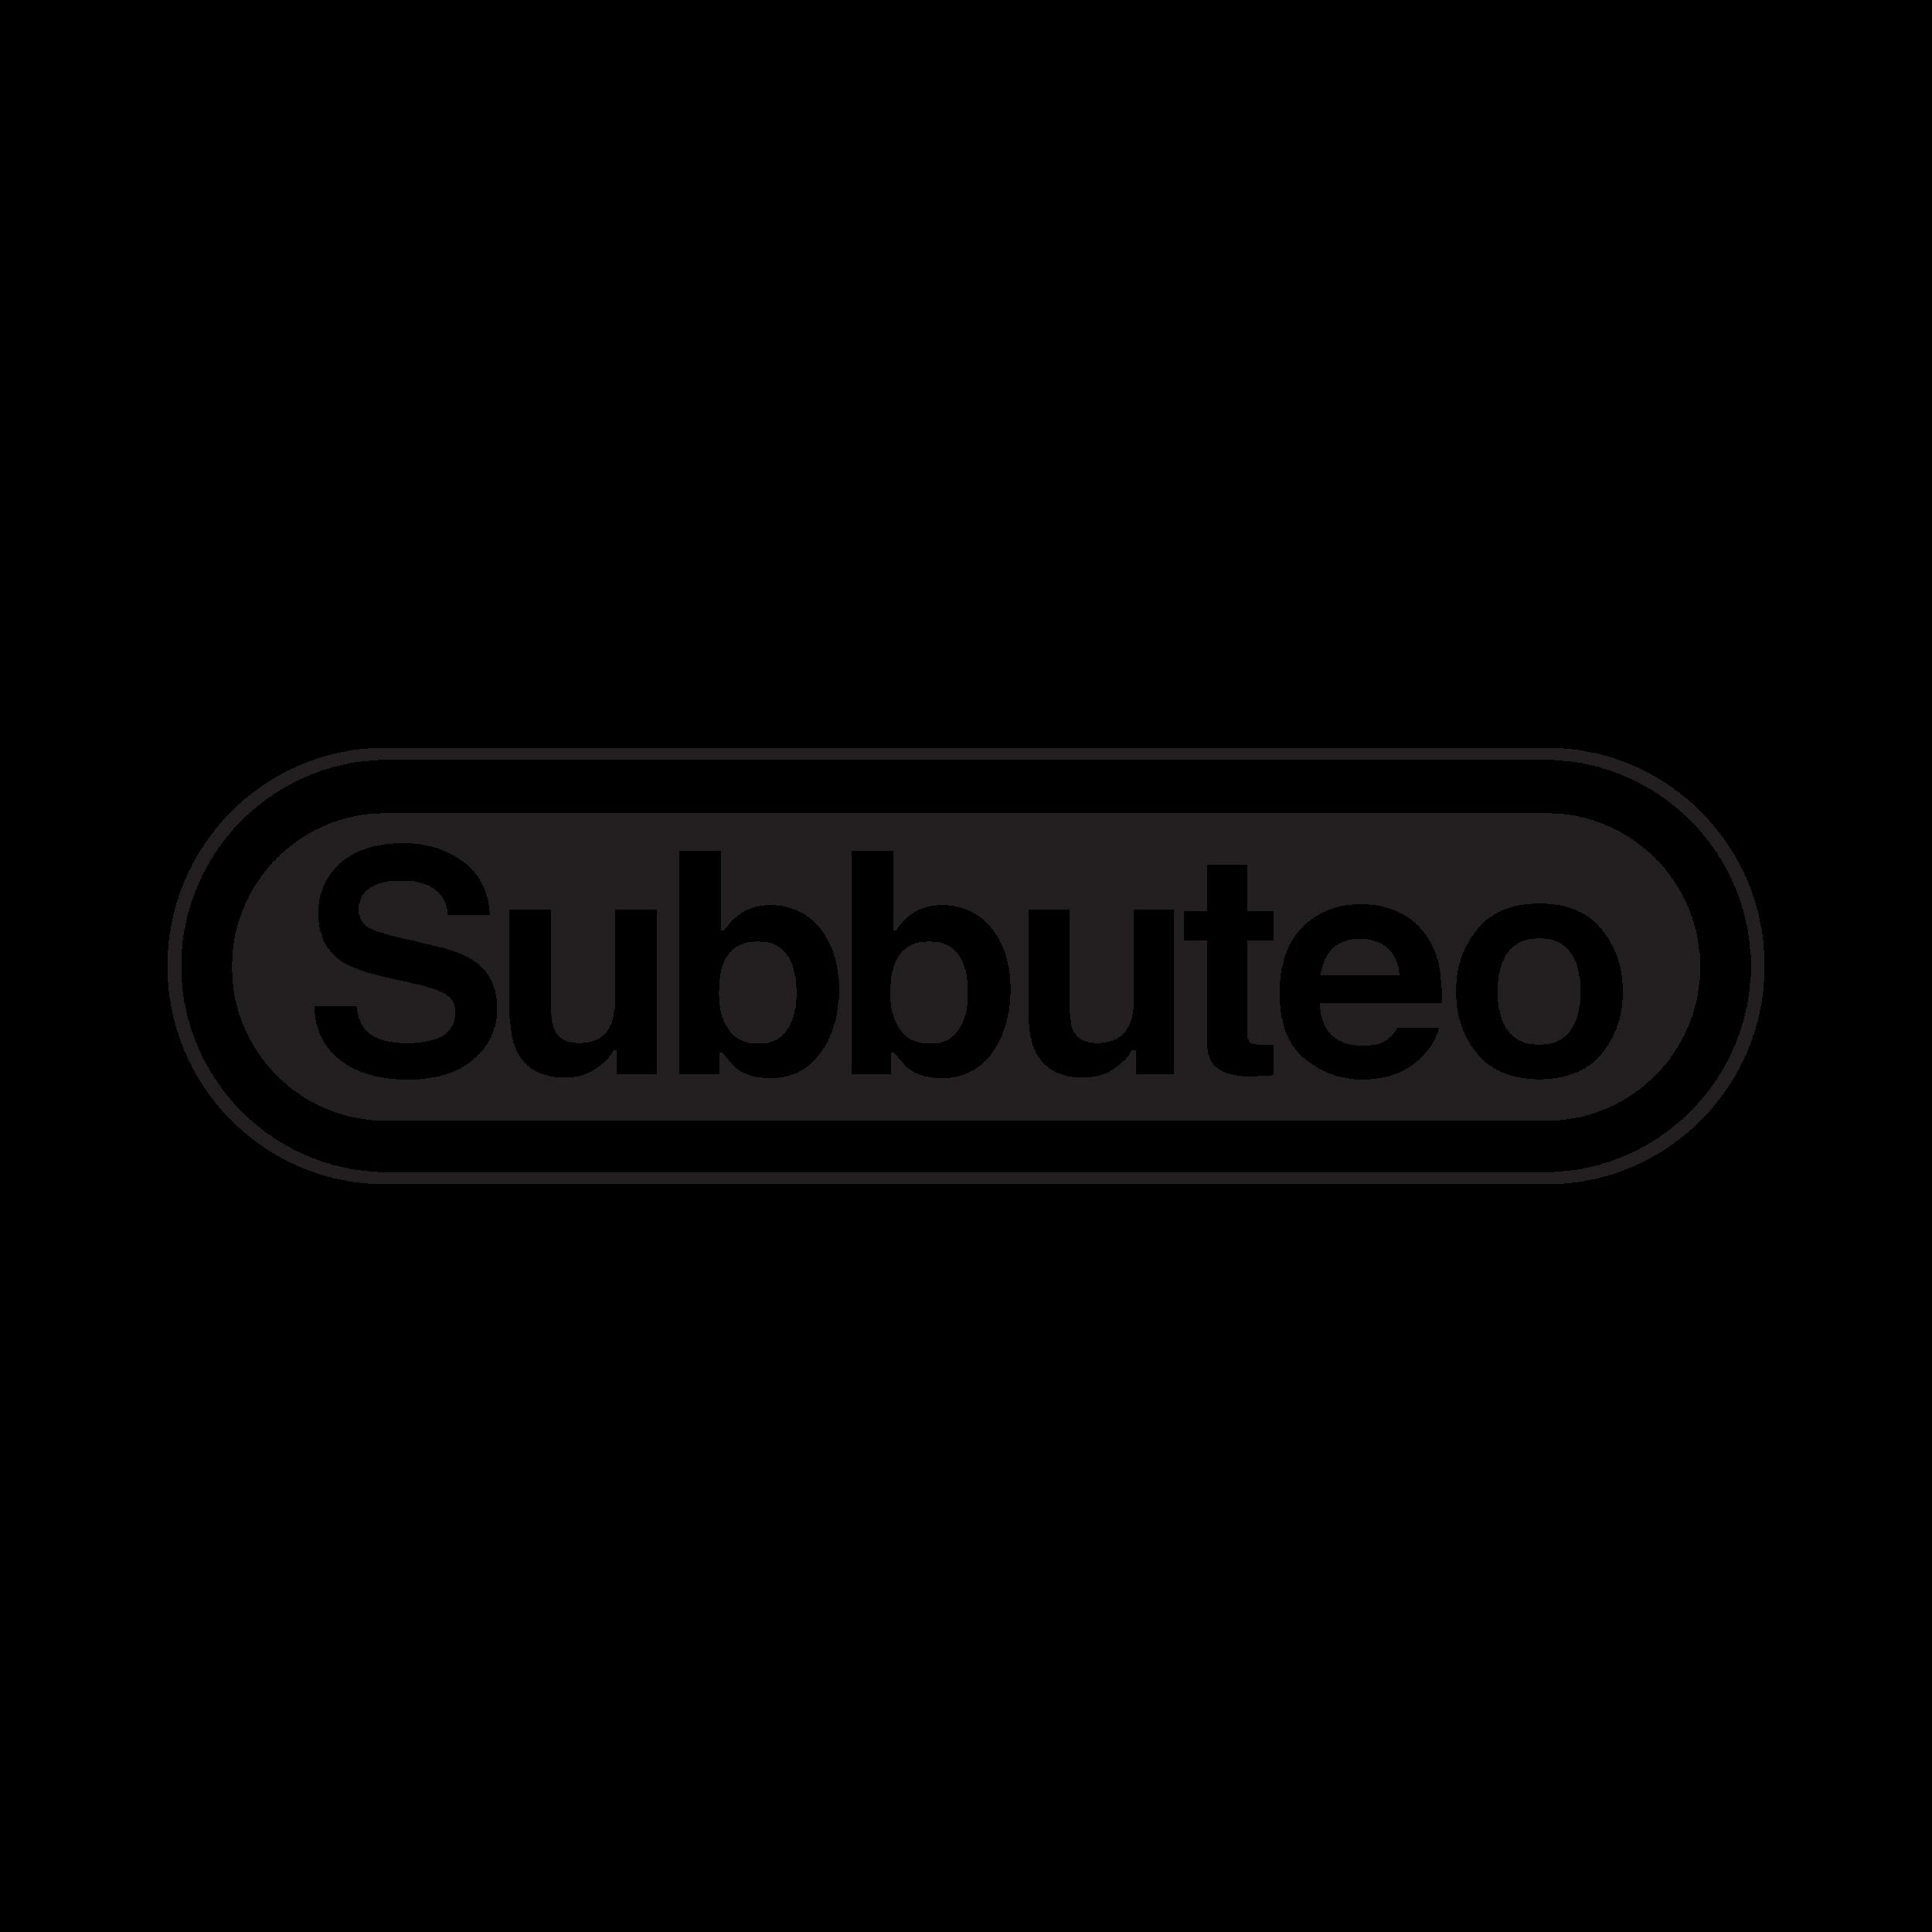 Subbuteo Logo